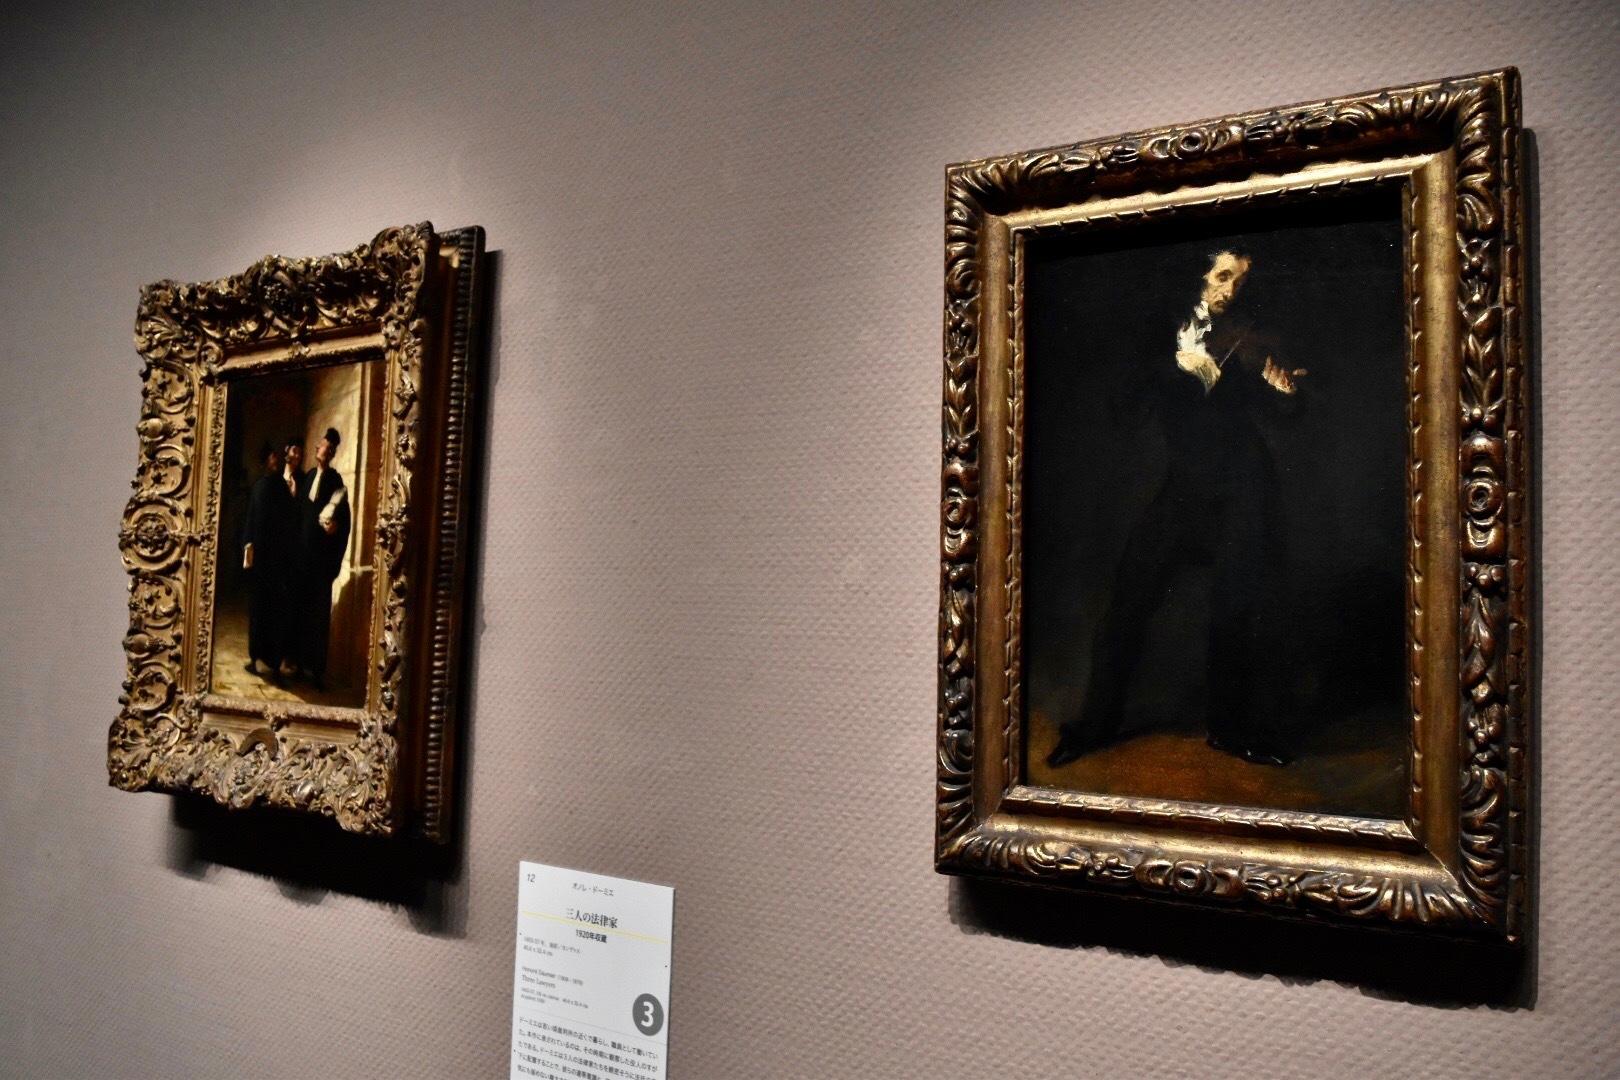 展示風景:右:ウジェーヌ・ドラクロワ 《パガニーニ》 1831年 左奥:オノレ・ドーミエ 《三人の法律家》 1855-57年